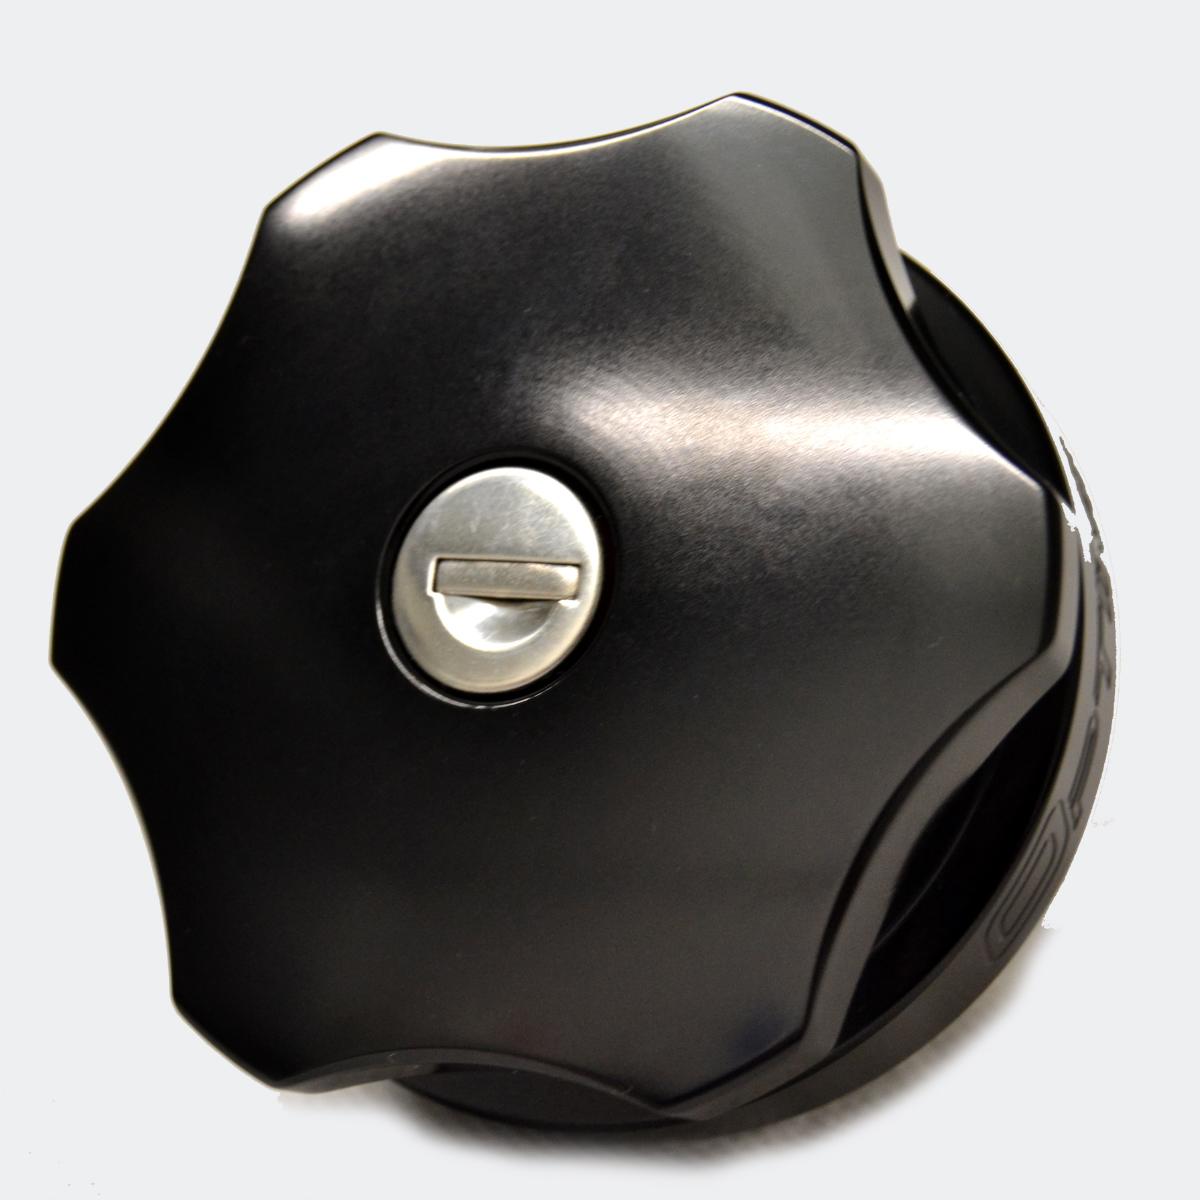 Land rover Defender Aluminium Fuel Cap